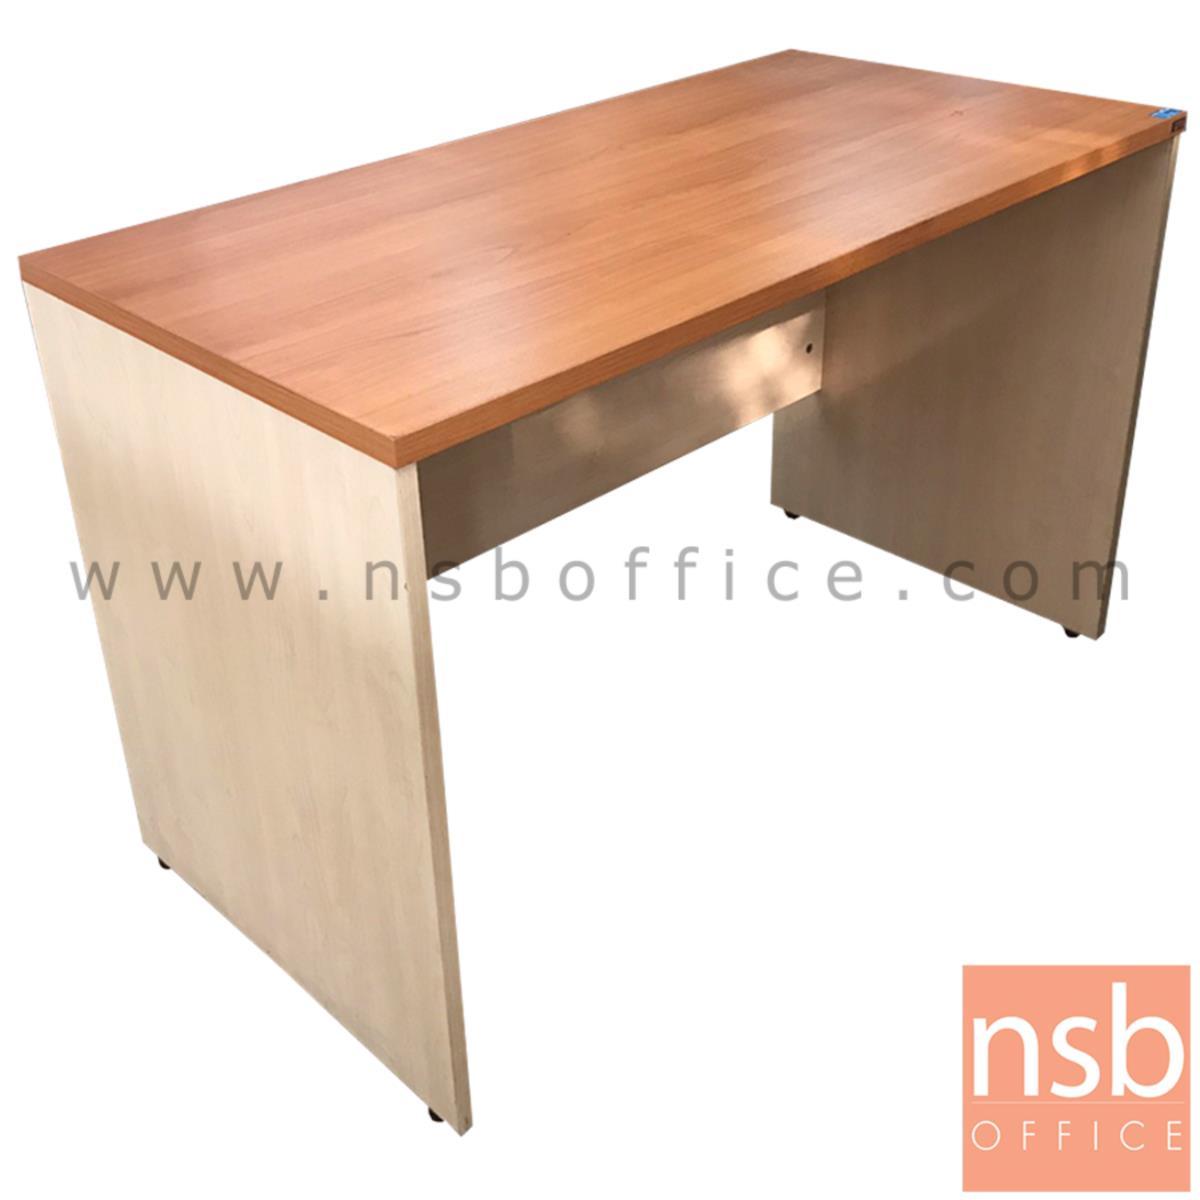 L10A193:โต๊ะทำงานโล่ง  ขนาด 120W*76H cm. เมลามีน